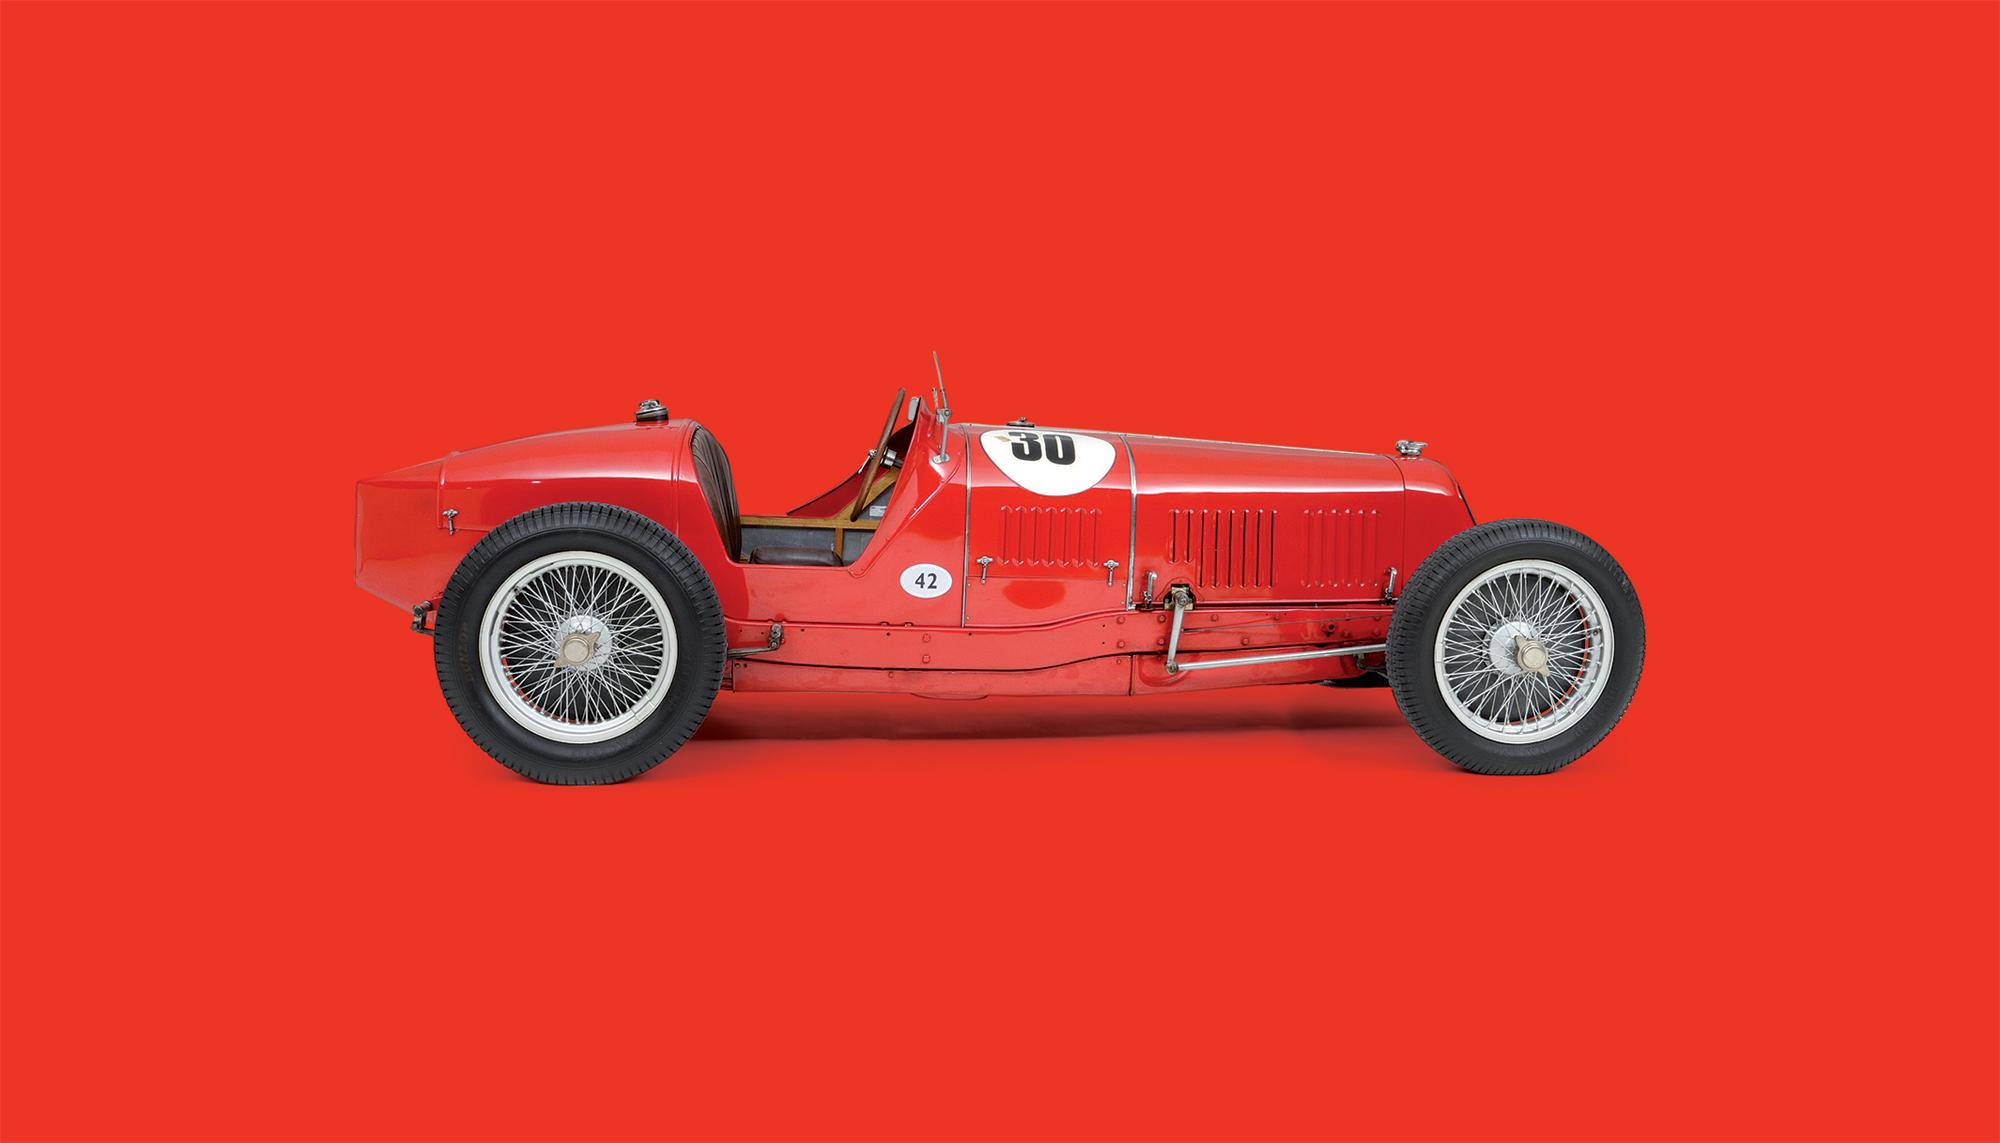 Bekijk Maserati 8C 3000 in het Louwman Museum